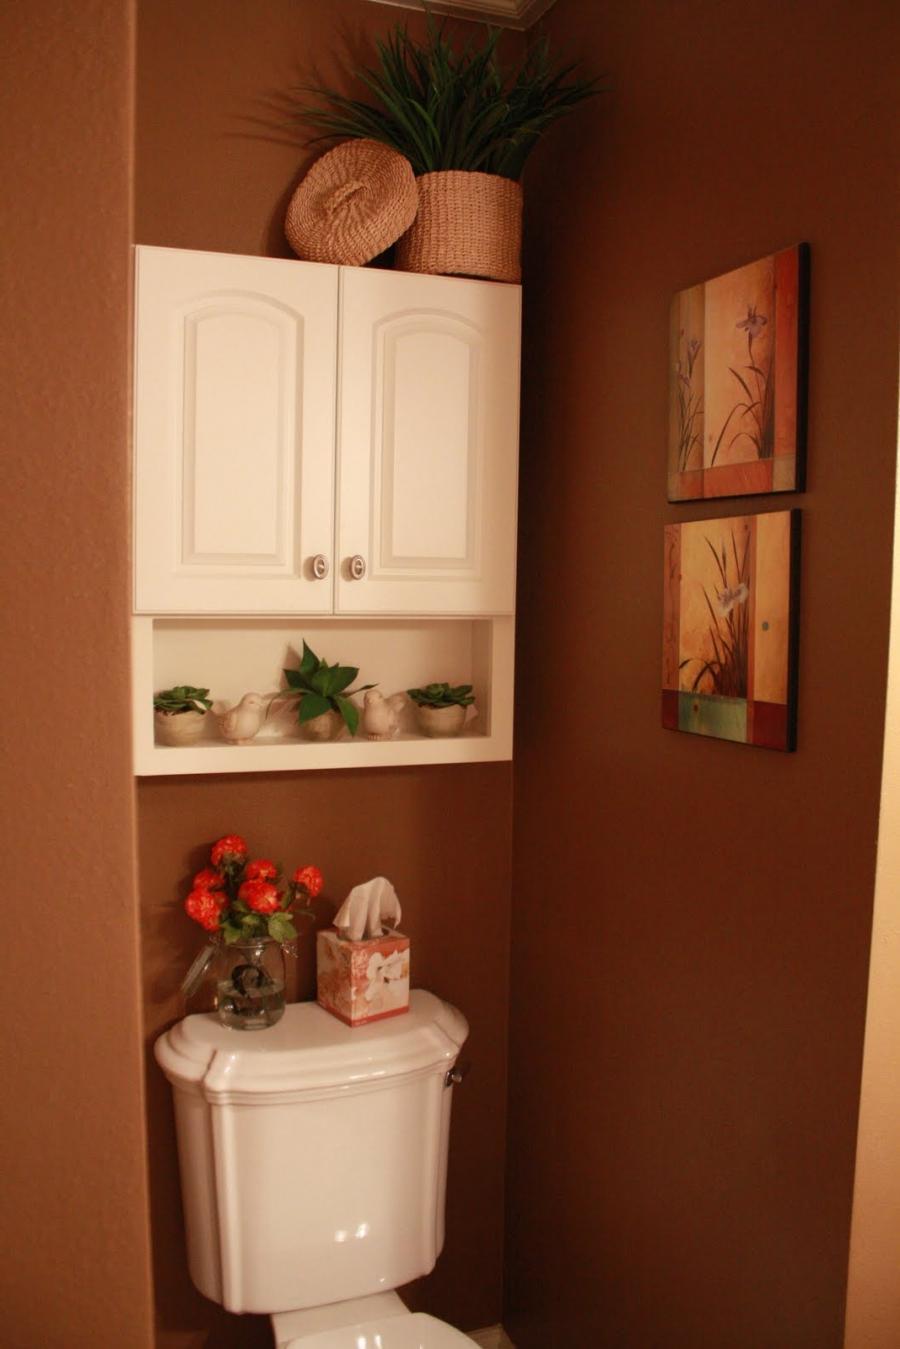 Half bathroom design photos - Half bathroom ideas photo gallery ...